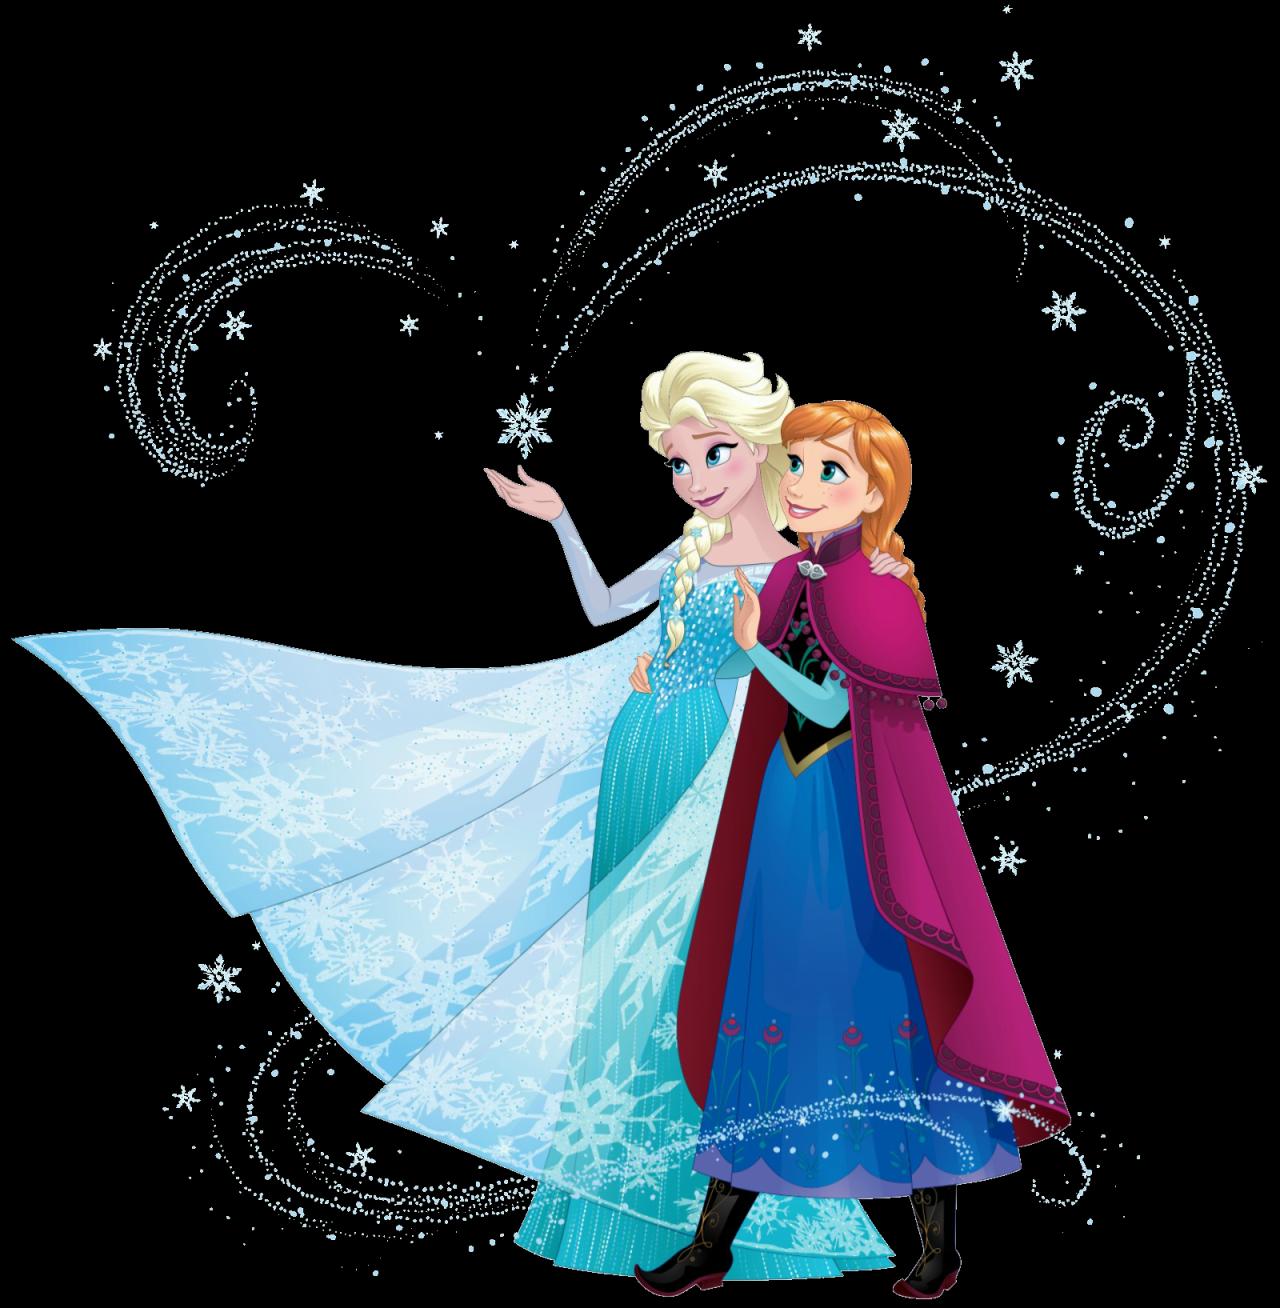 Nuevo Artwork Png En Hd De Elsa Anna Frozen Disney Princess File D Archivos Im C3 A1genes Disney 2 Disney Princess Wallpaper Elsa Pictures Frozen Art